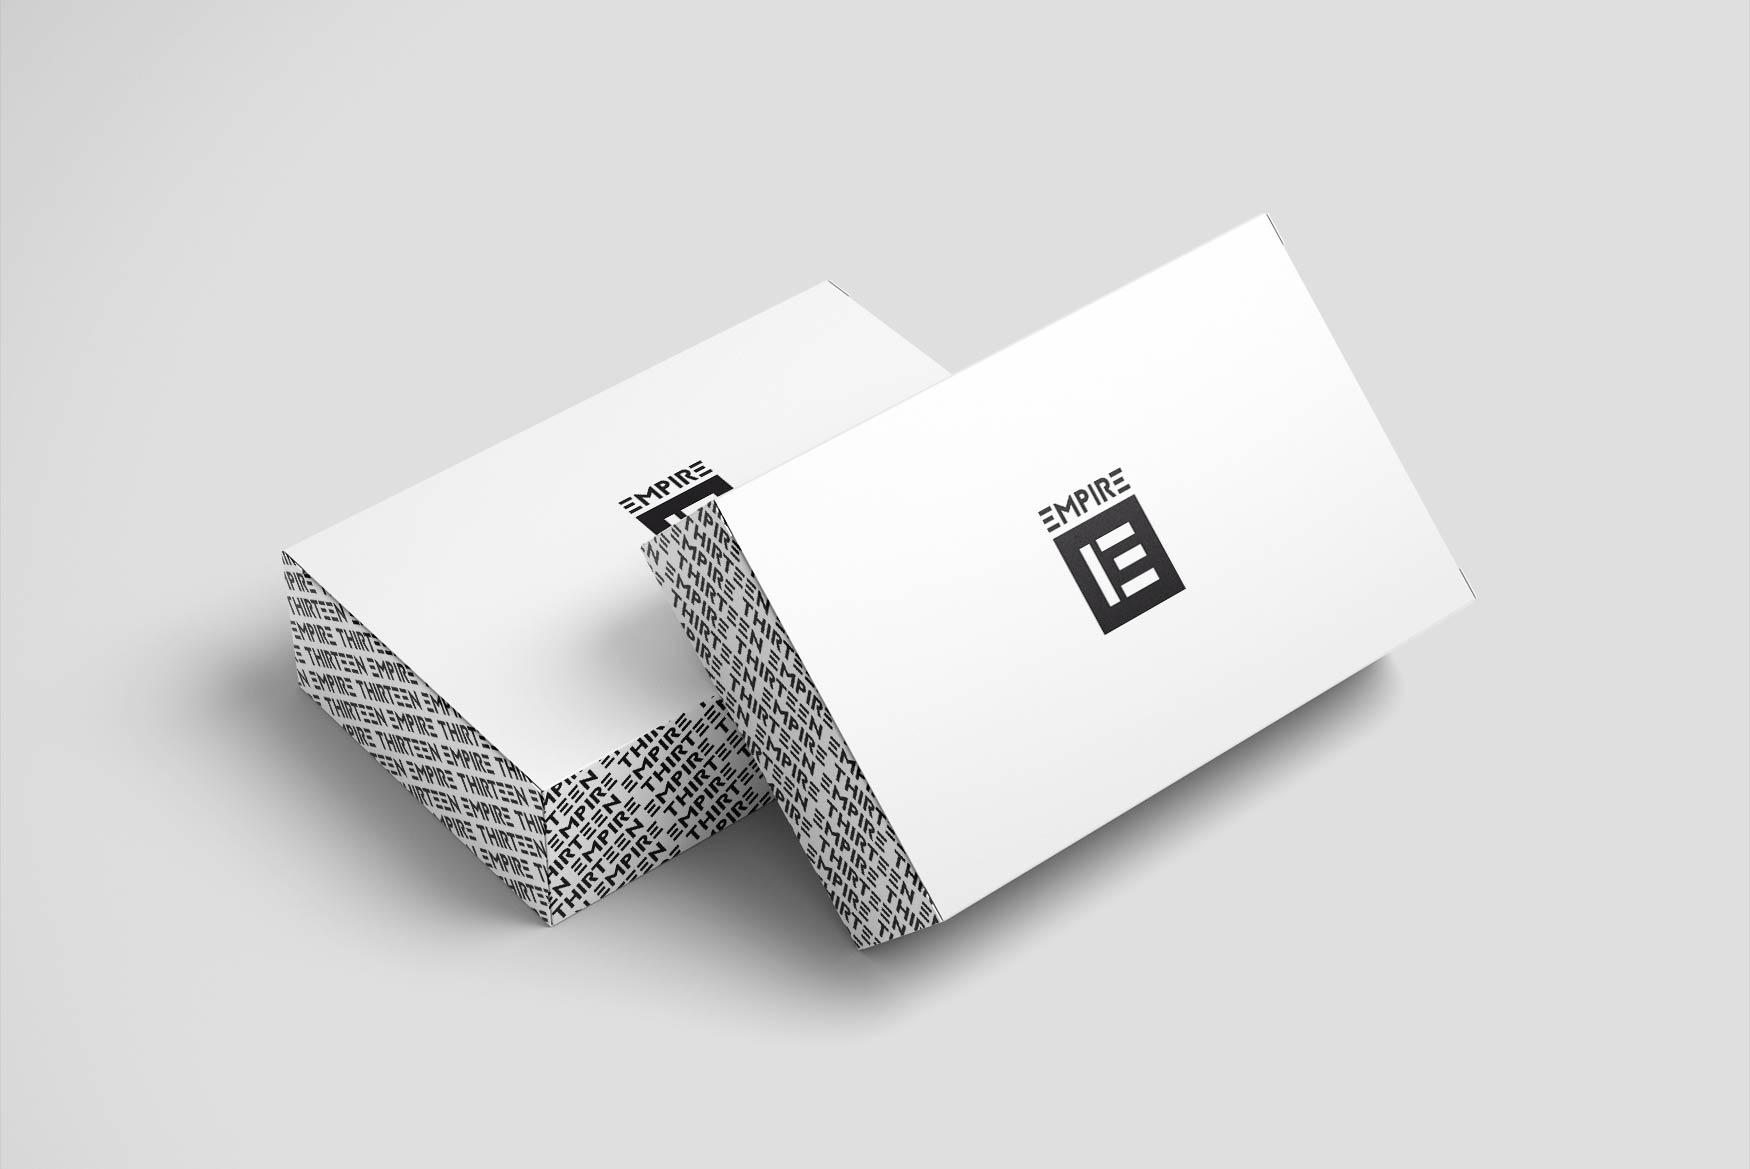 Verpackungsdesign-Mode-1-Designagentur-Stuttgart-Kreativbetrieb